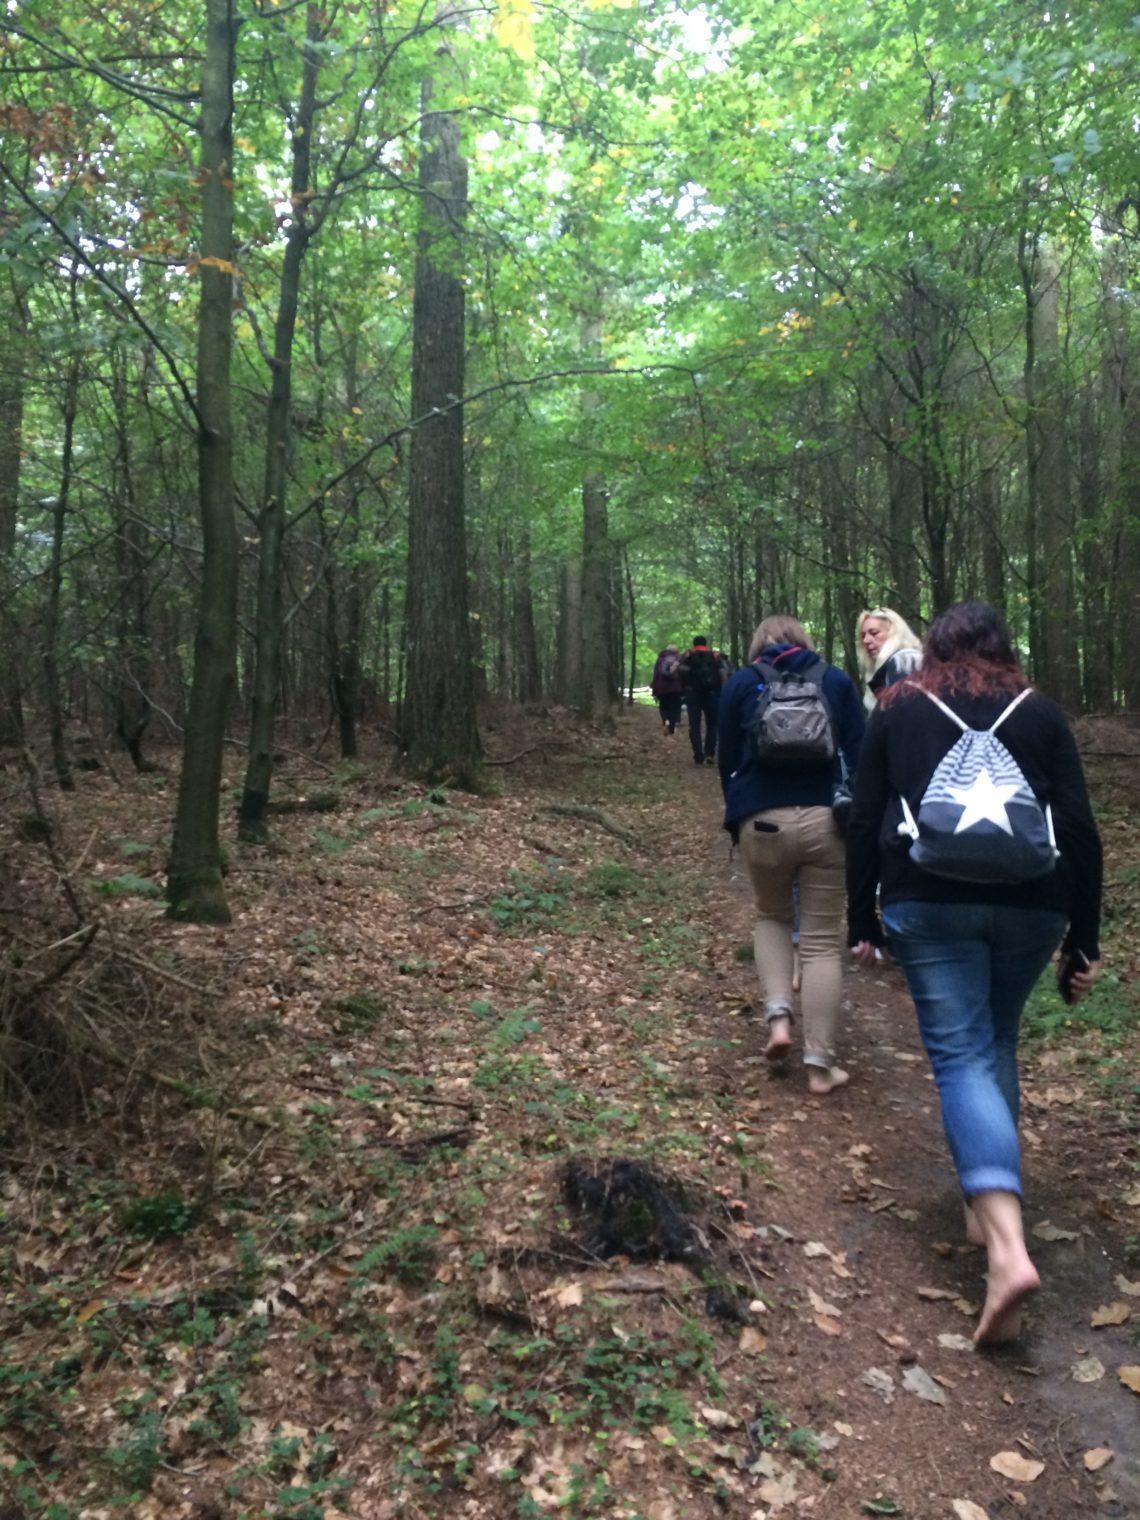 Wanderung im Wald